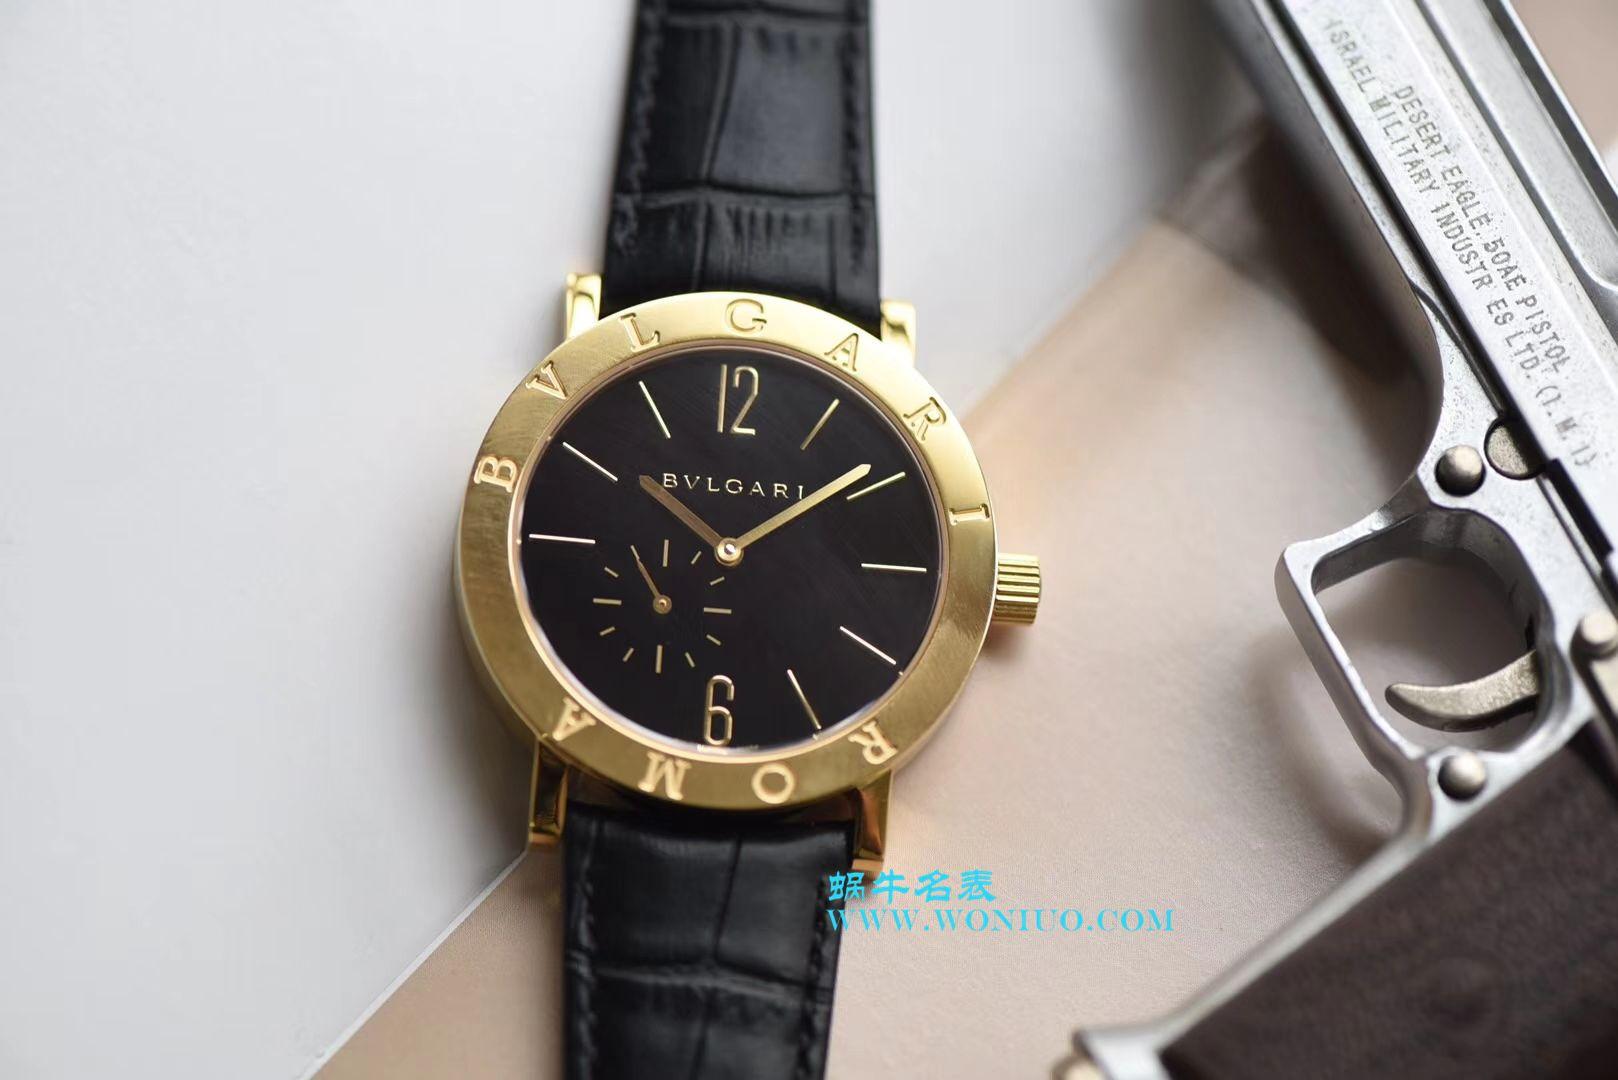 【台湾厂一比一超A高仿手表】宝格丽BVLGARI∙BVLGARI系列102359 BB41BGLXT腕表 / BZ019